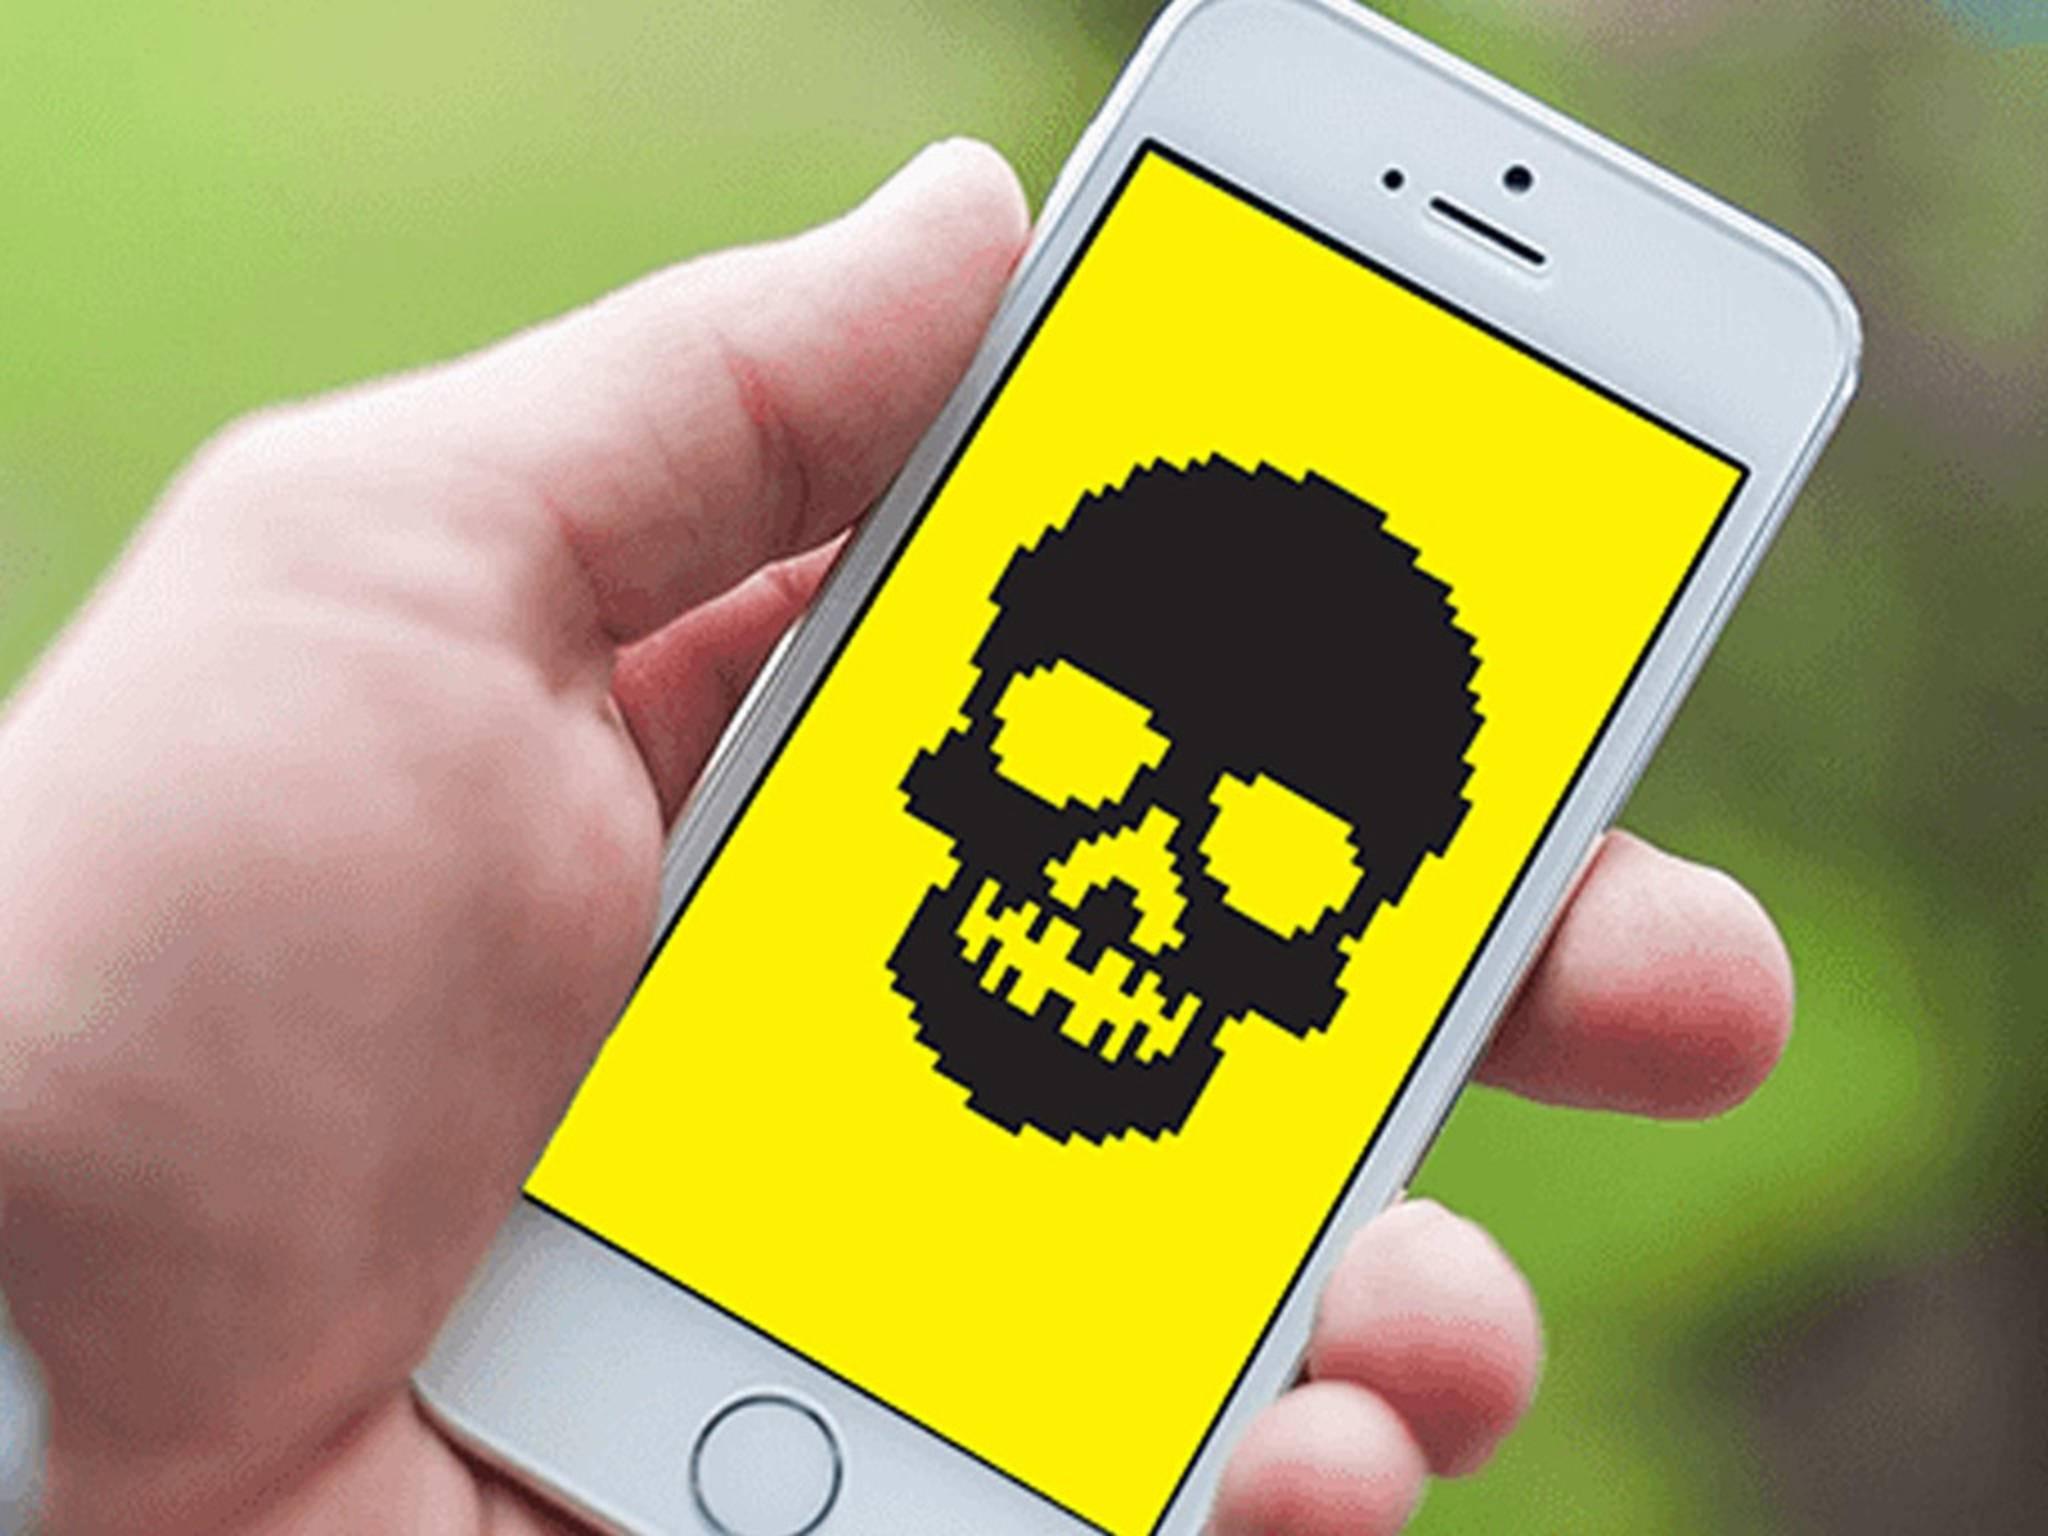 Gegen Malware und Viren helfen eine große Anzahl von Apps für Android oder iOS-Smartphones.